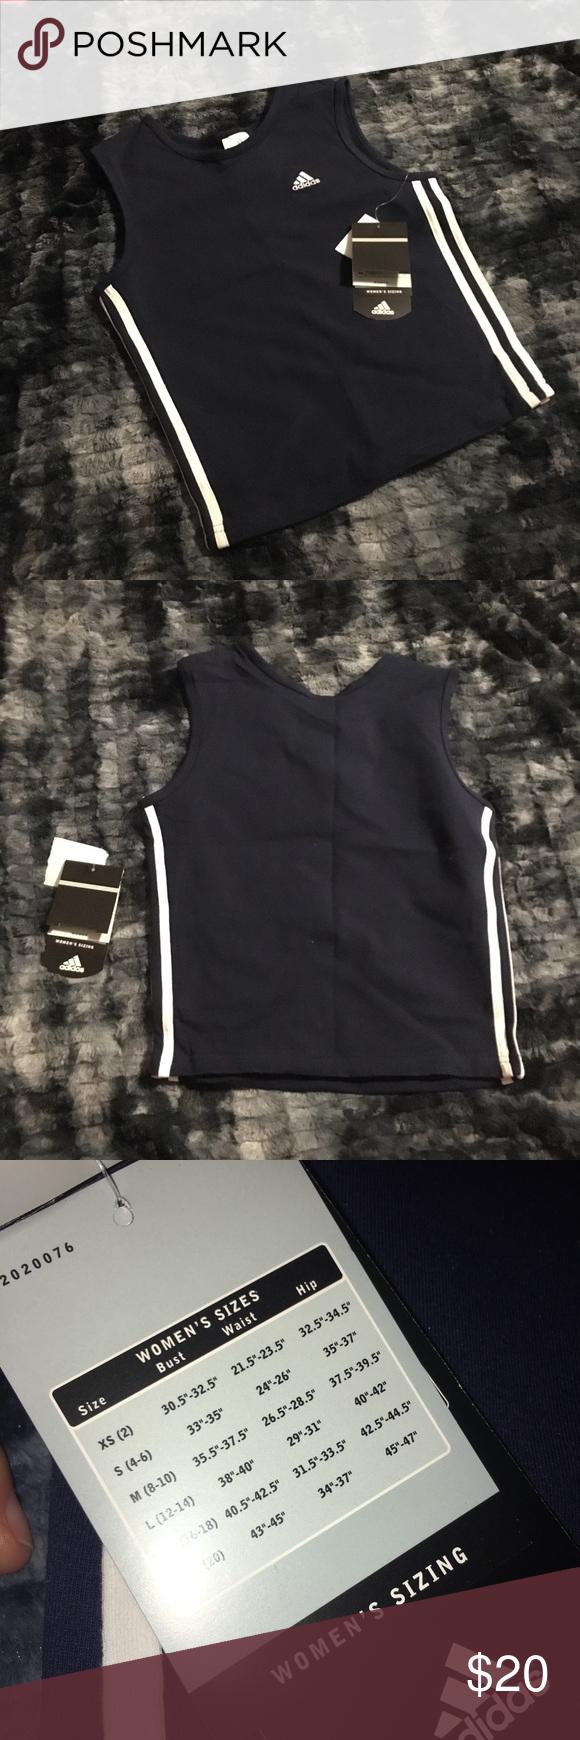 adidas shirt sizing